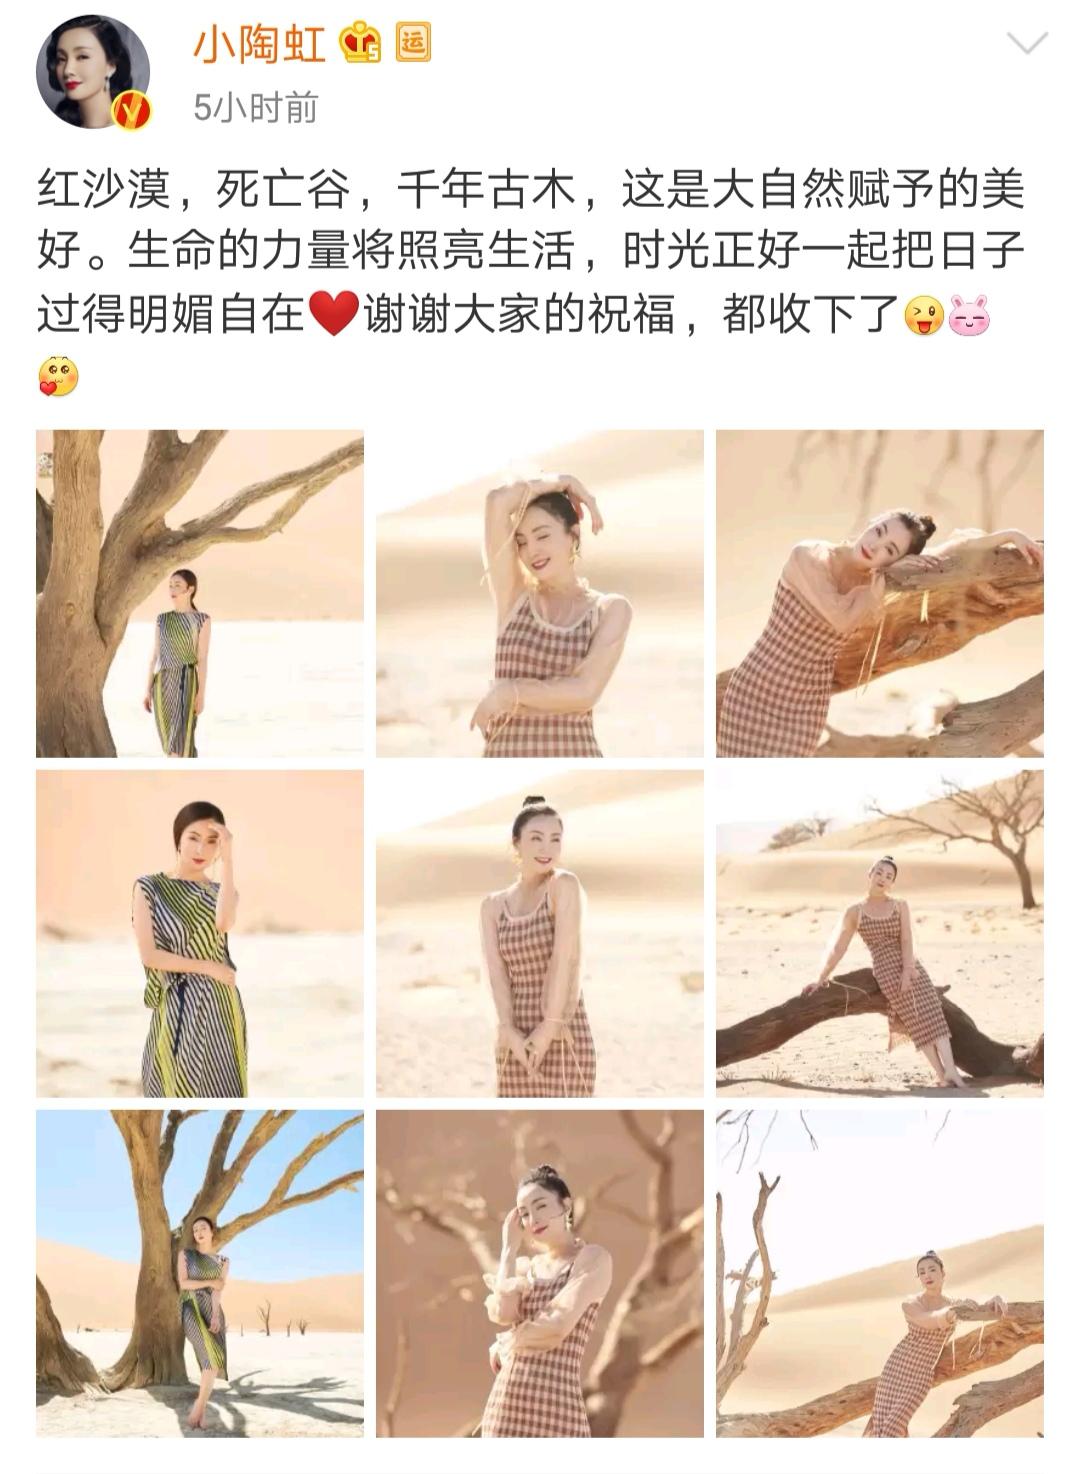 48岁陶虹庆生晒美照,大冬天穿裙子光着脚丫,为了漂亮真敢穿!